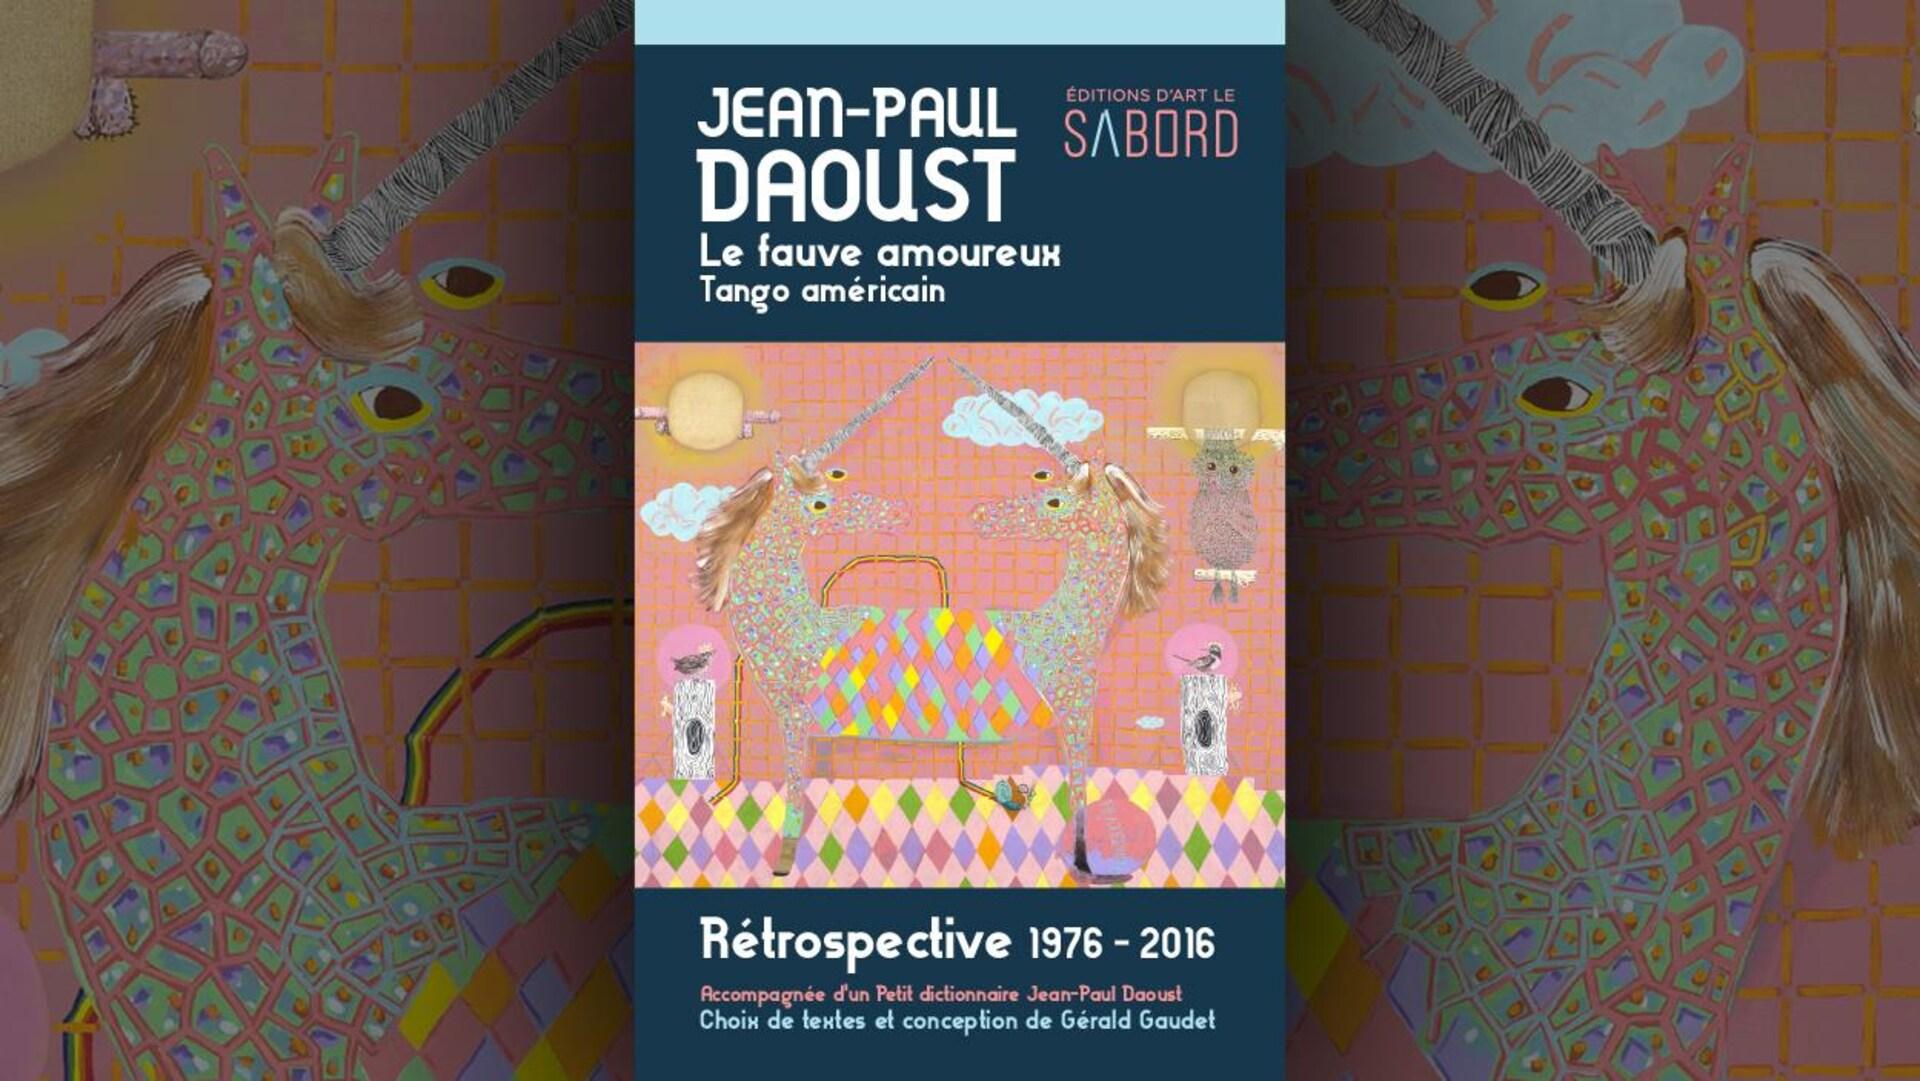 La couverture du livre  Le fauve amoureux : tango américain , de Jean-Paul Daoust, est une illustration d'une licorne à deux têtes, dans les tons roses et jaunes. On voit aussi des troncs d'arbres et des hiboux, des nuages, un arc-en-ciel et un pénis.